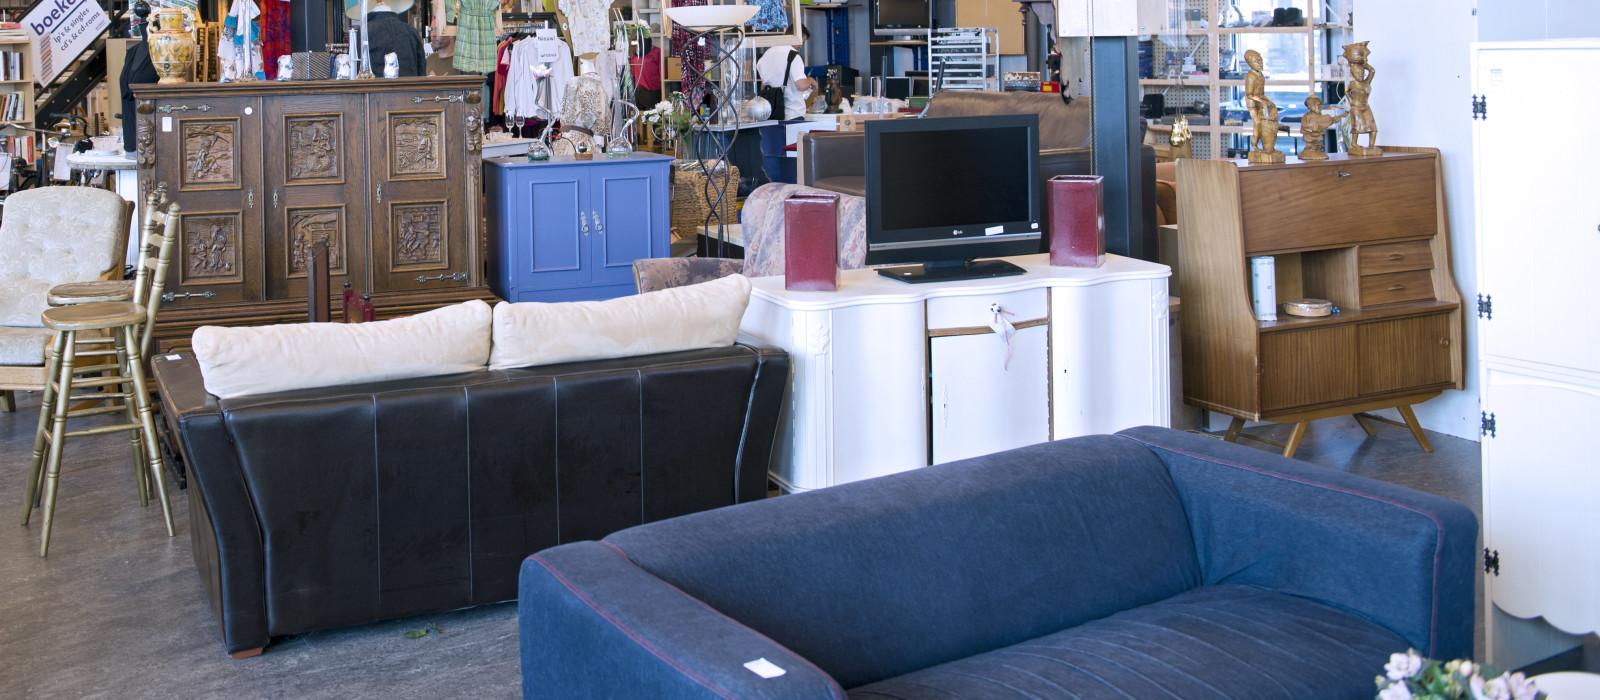 Inzameling kringloopgoederen en e-goed Bronckhorst